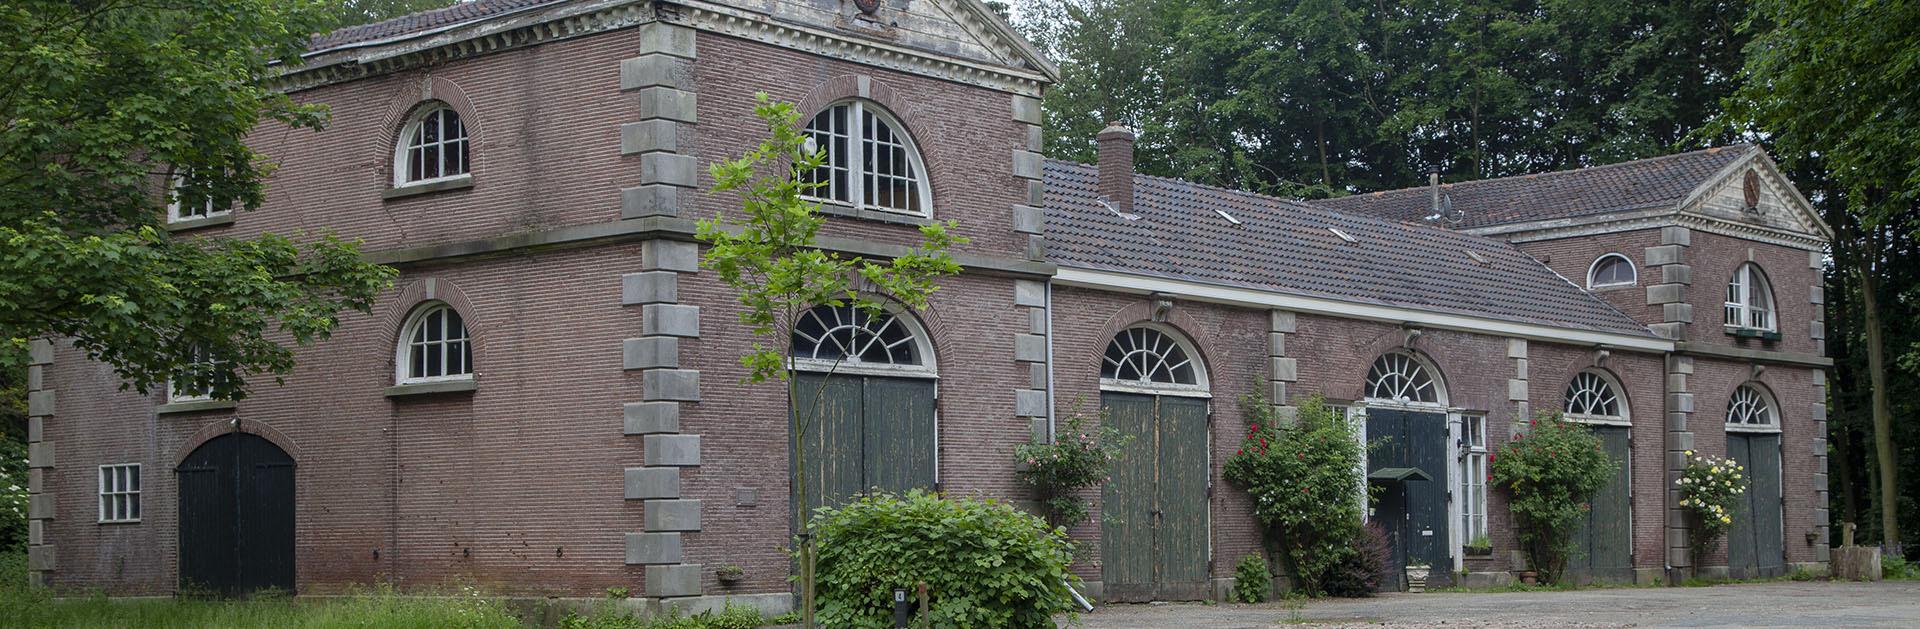 Landgoed Enghuizen - Hummelo Regio Achterhoek - Liemers